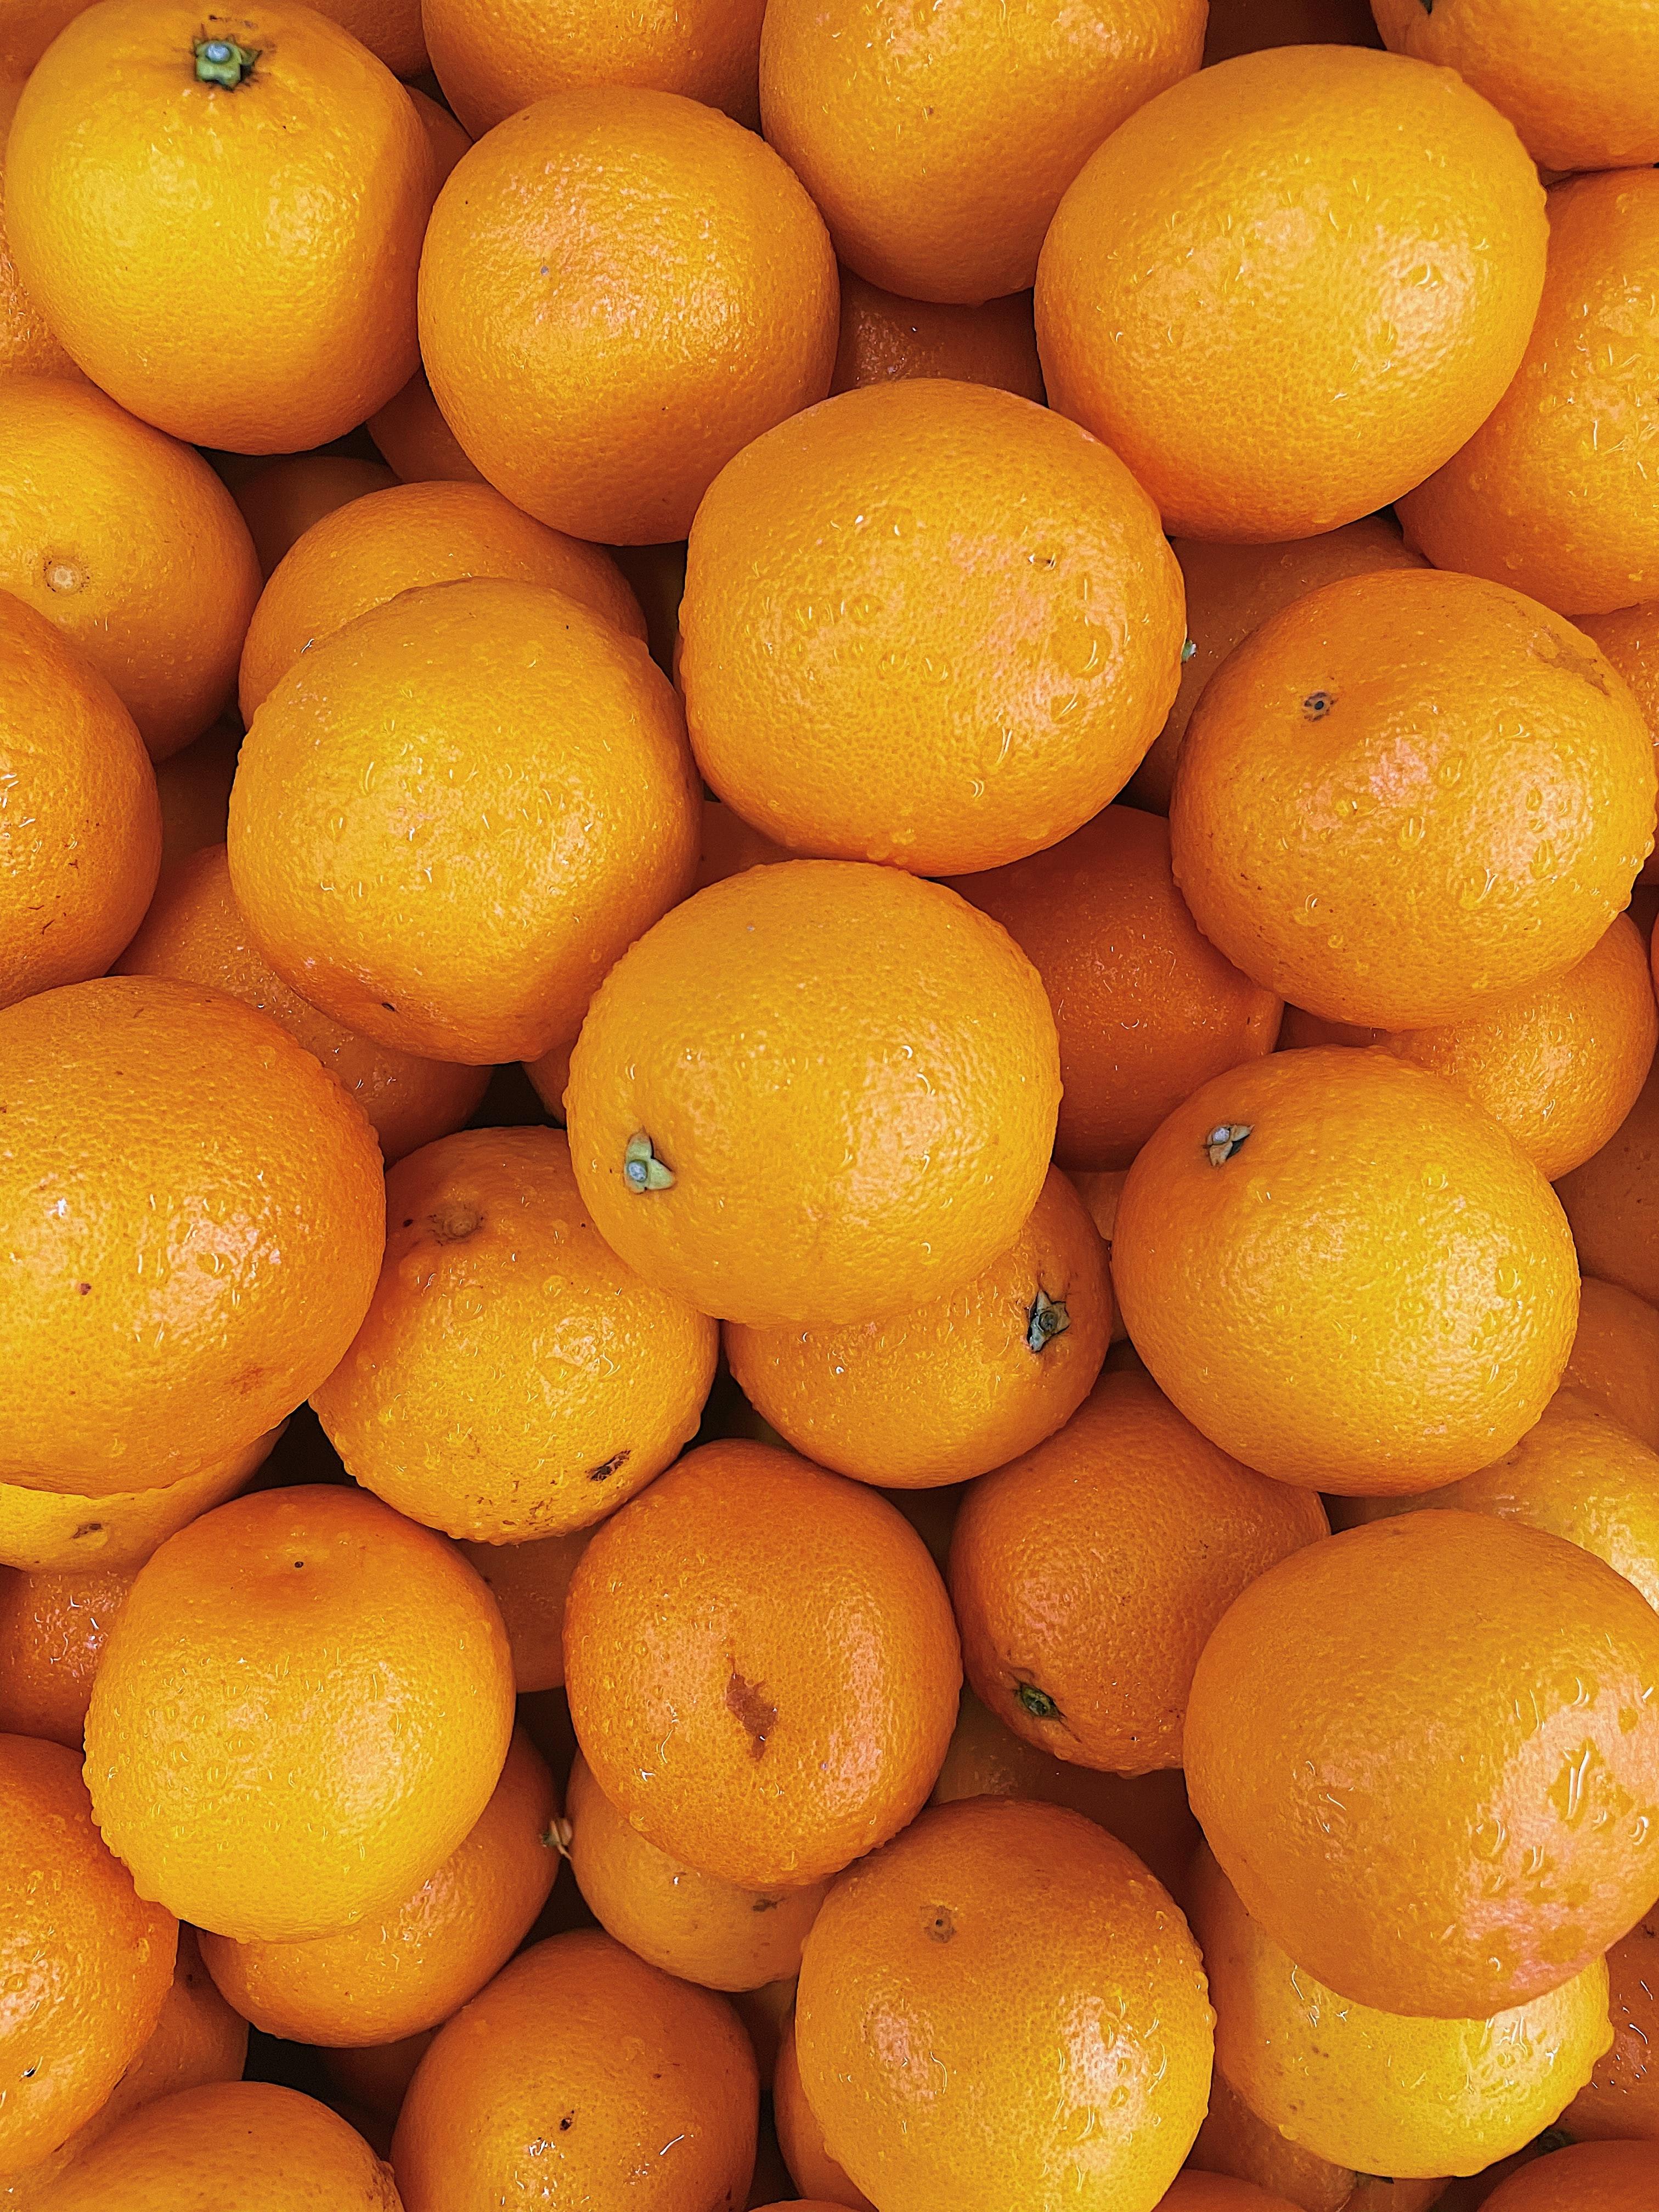 133514 завантажити Помаранчевий шпалери на телефон безкоштовно, Фрукти, Їжа, Апельсини, Мокрий, Цитрус, Цитрусові, Оранжевий Помаранчевий картинки і заставки на мобільний